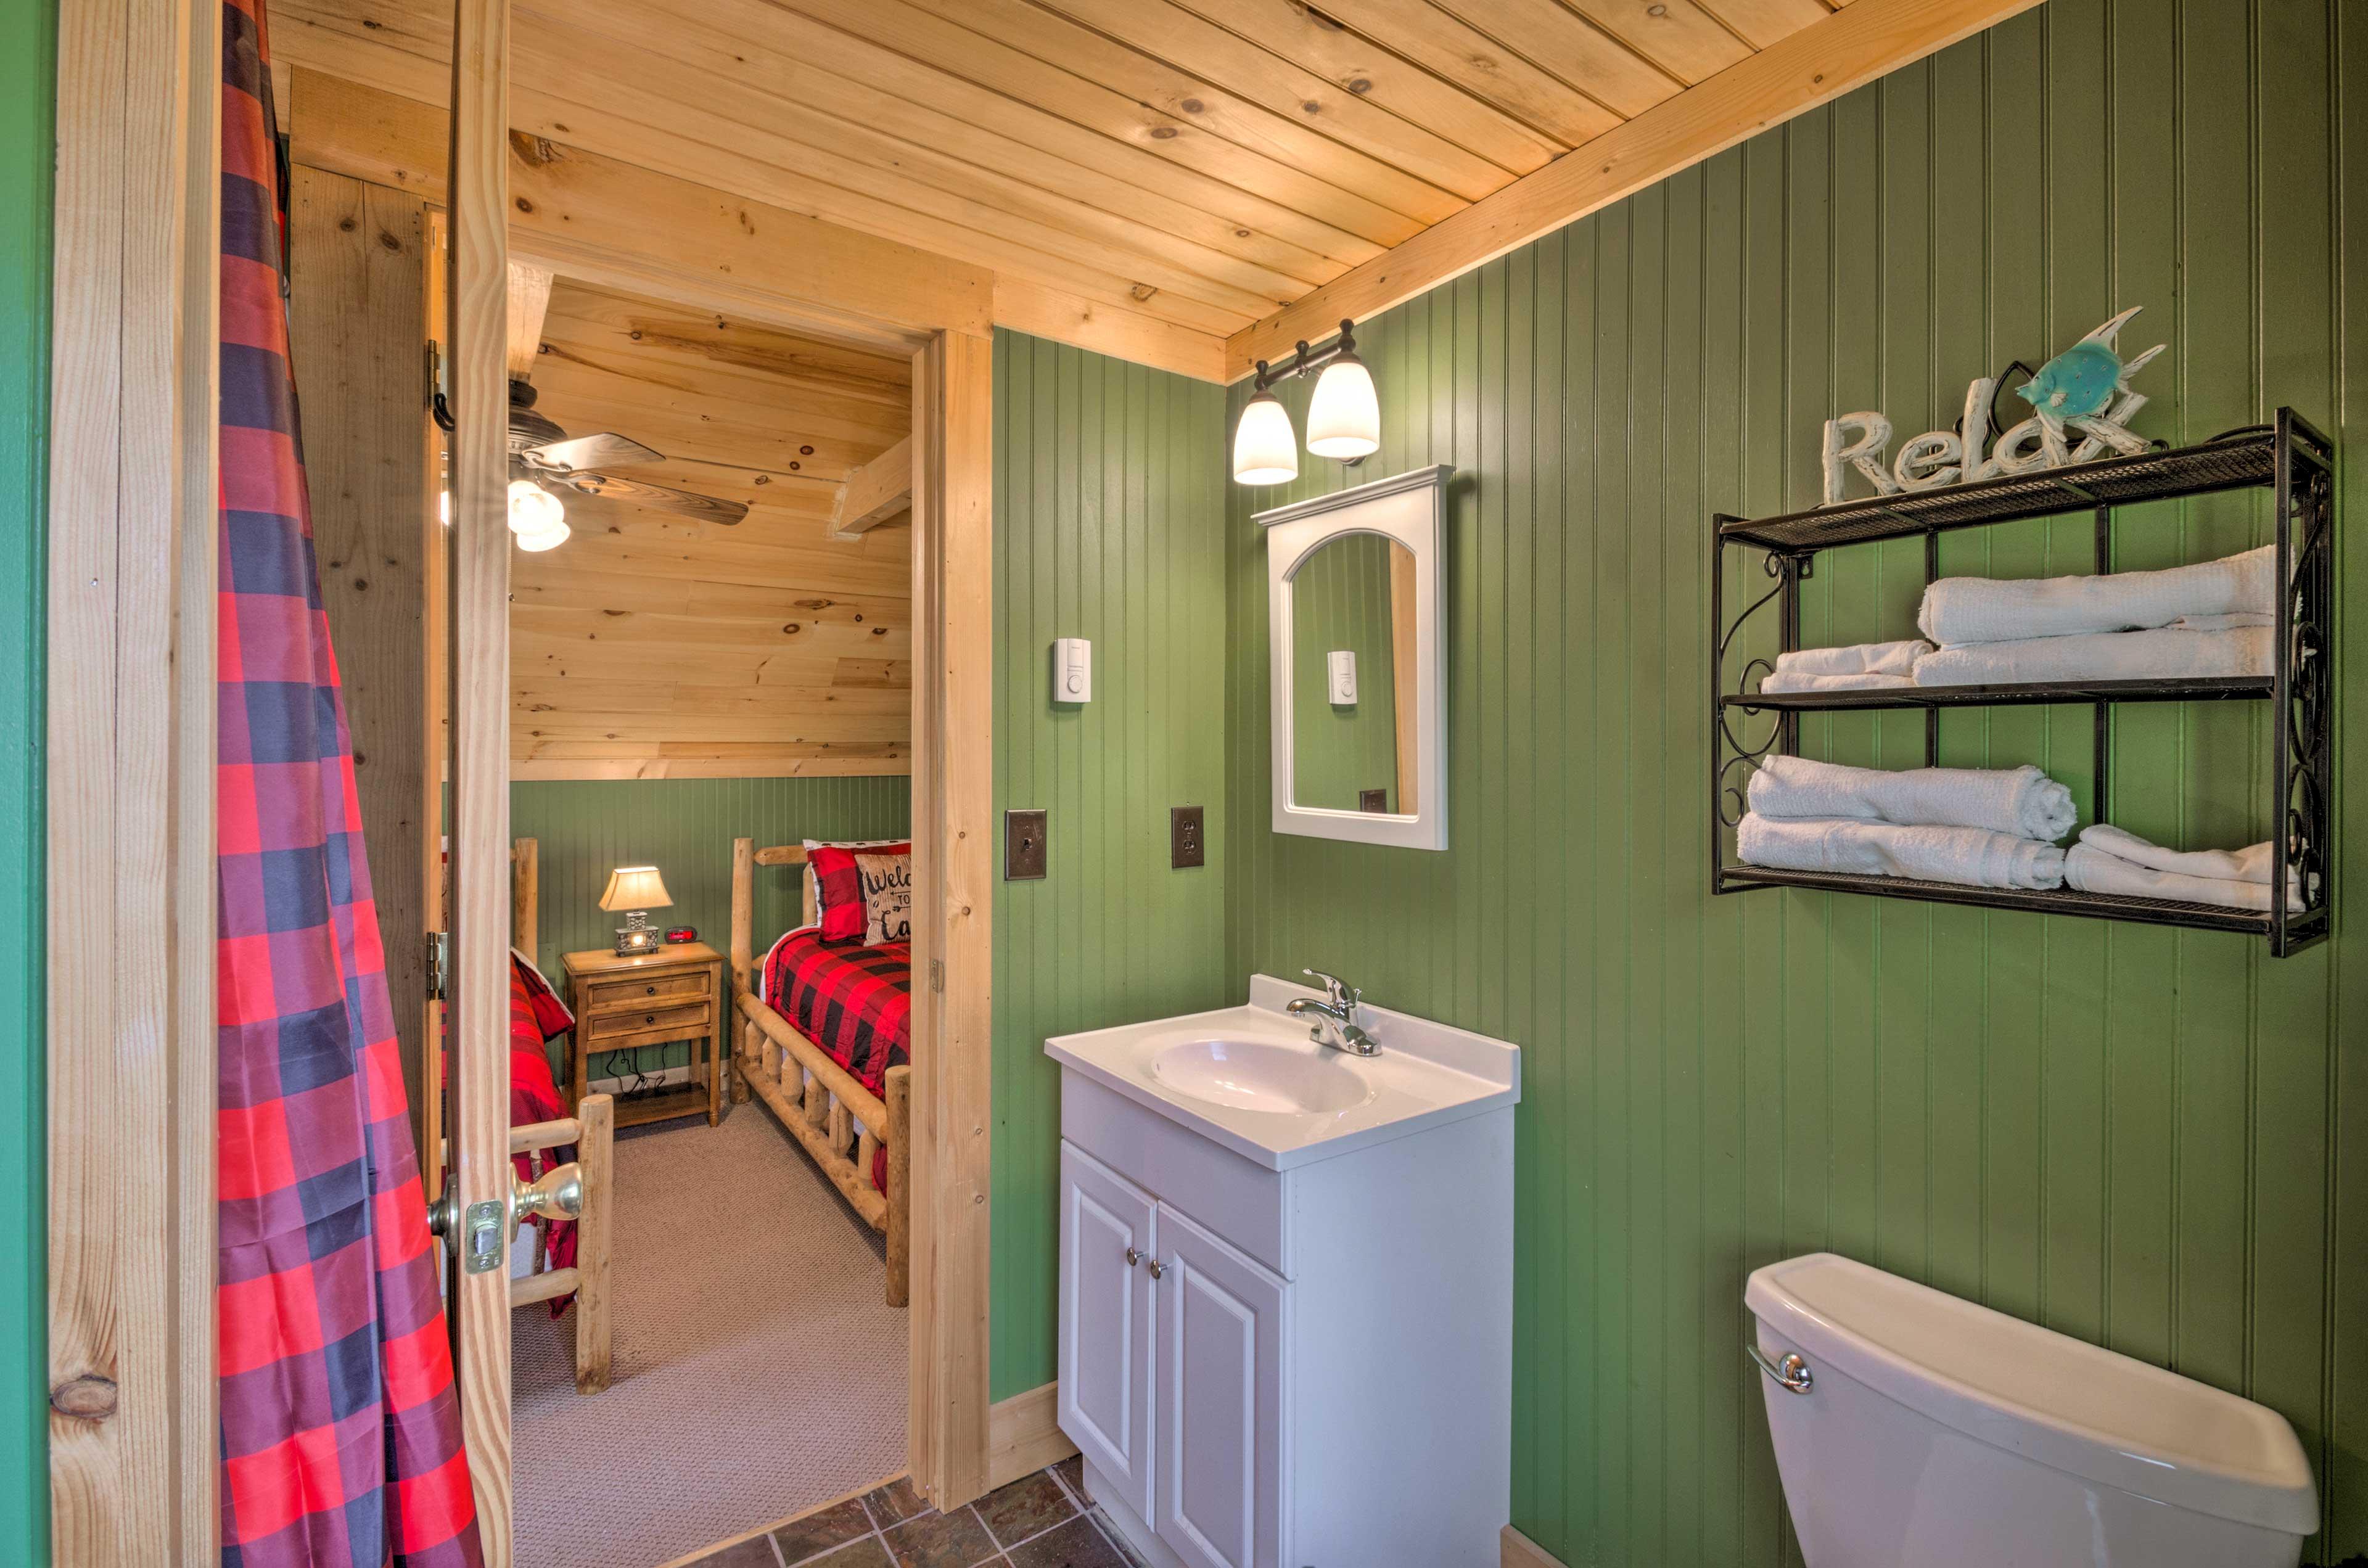 The en-suite bathroom features a shower.